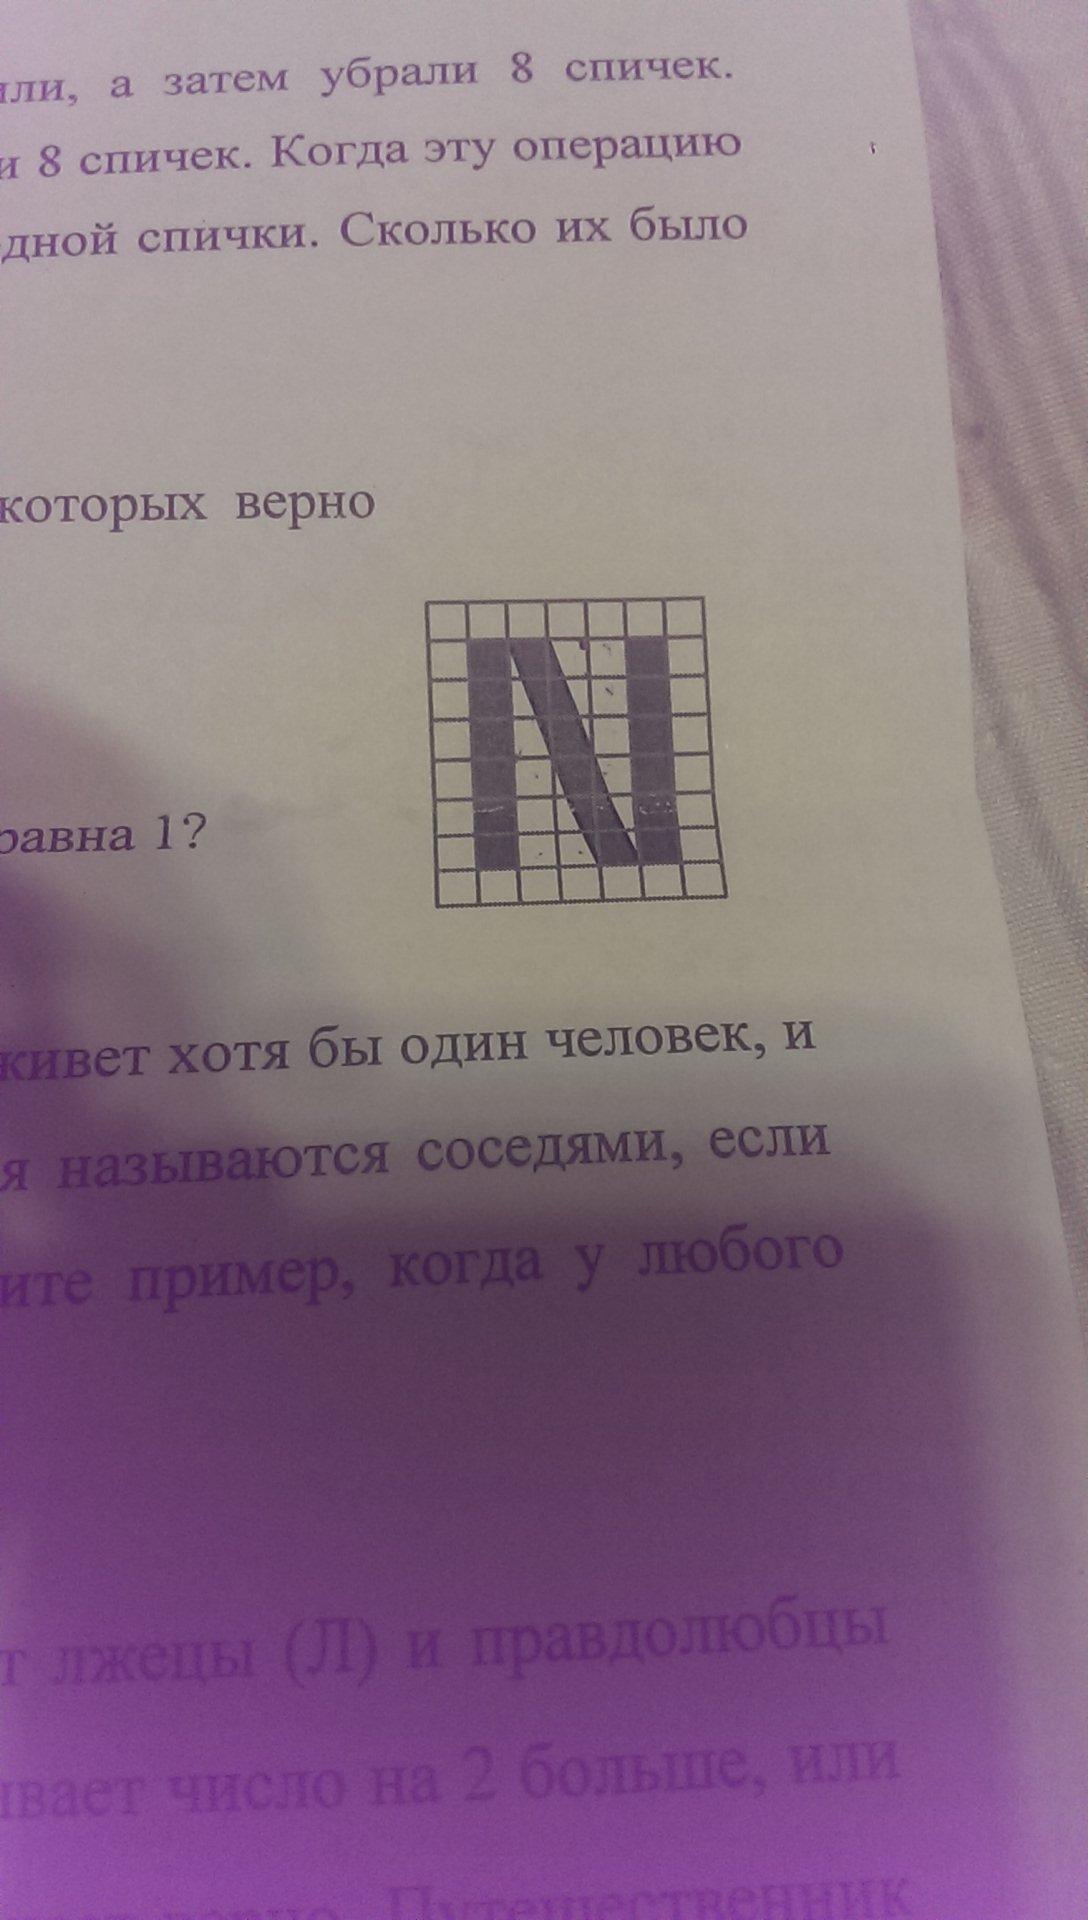 чему ровна миля у айглоба Чему равна пядь? - Генон - genon.ru